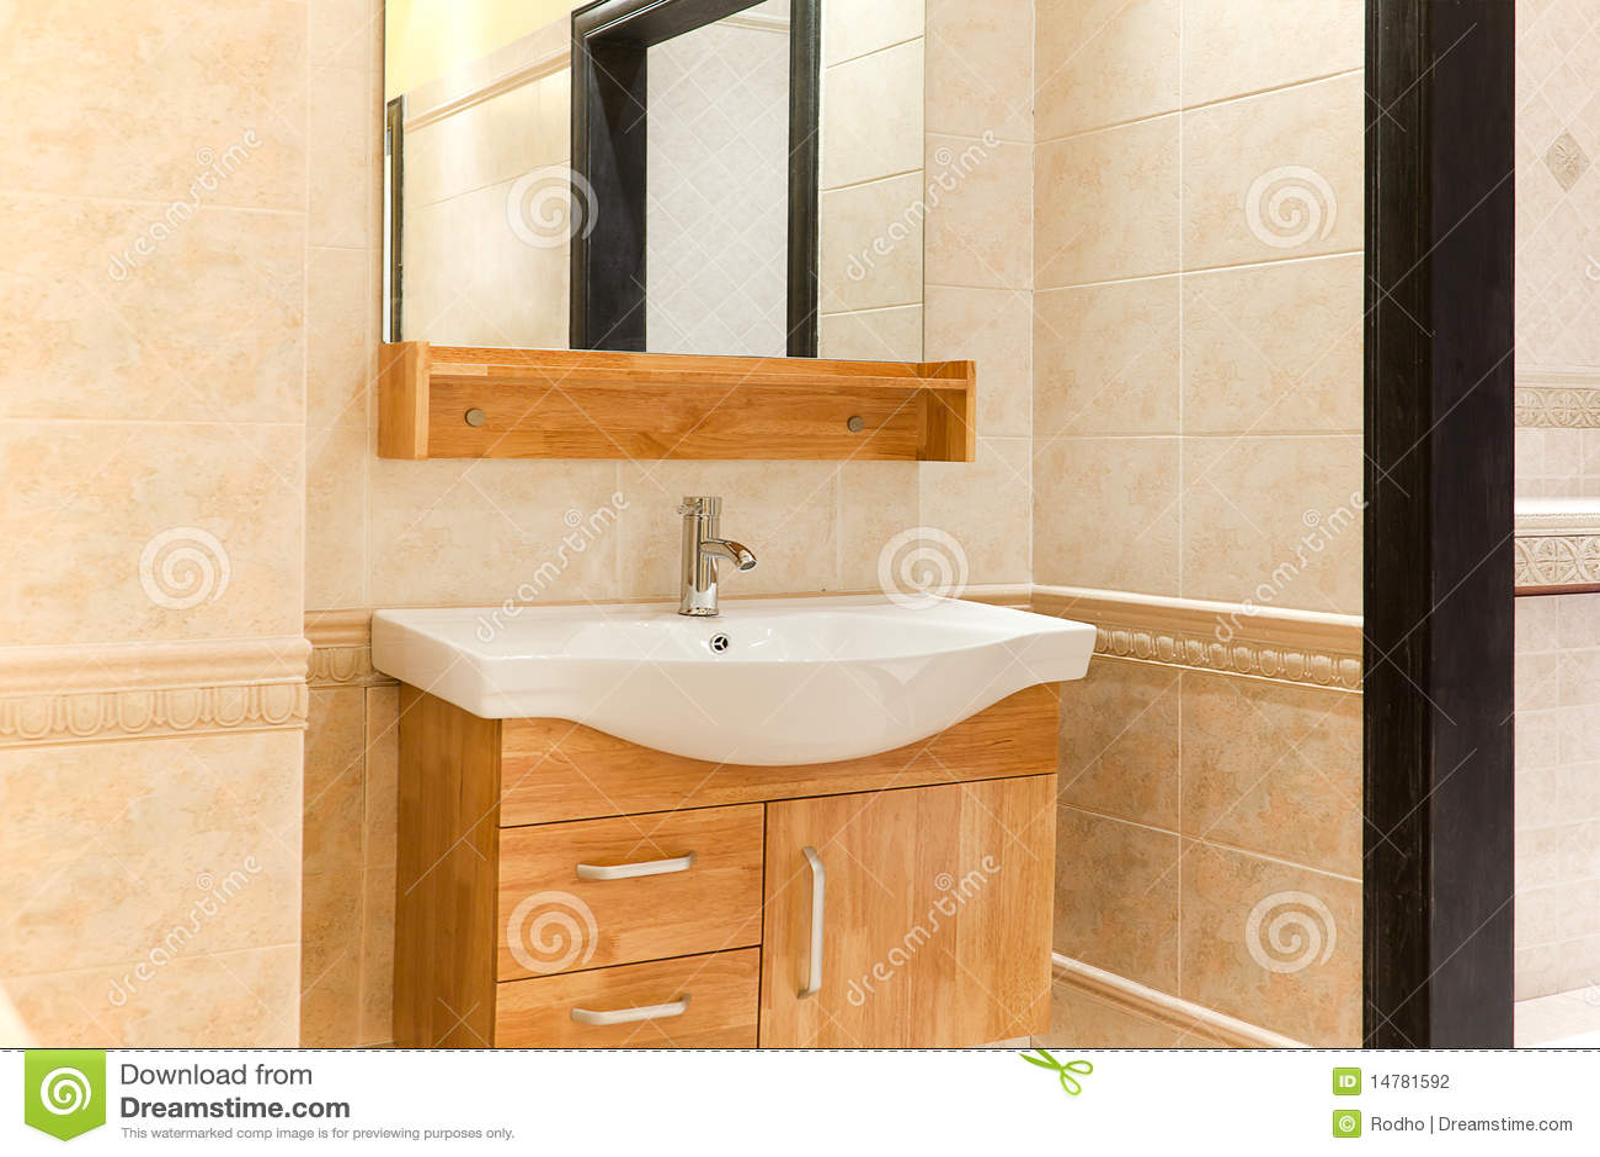 Banheiro Bonito Fotografia de Stock Imagem: 14781592 #824E16 1300x957 Banheiro Bonito